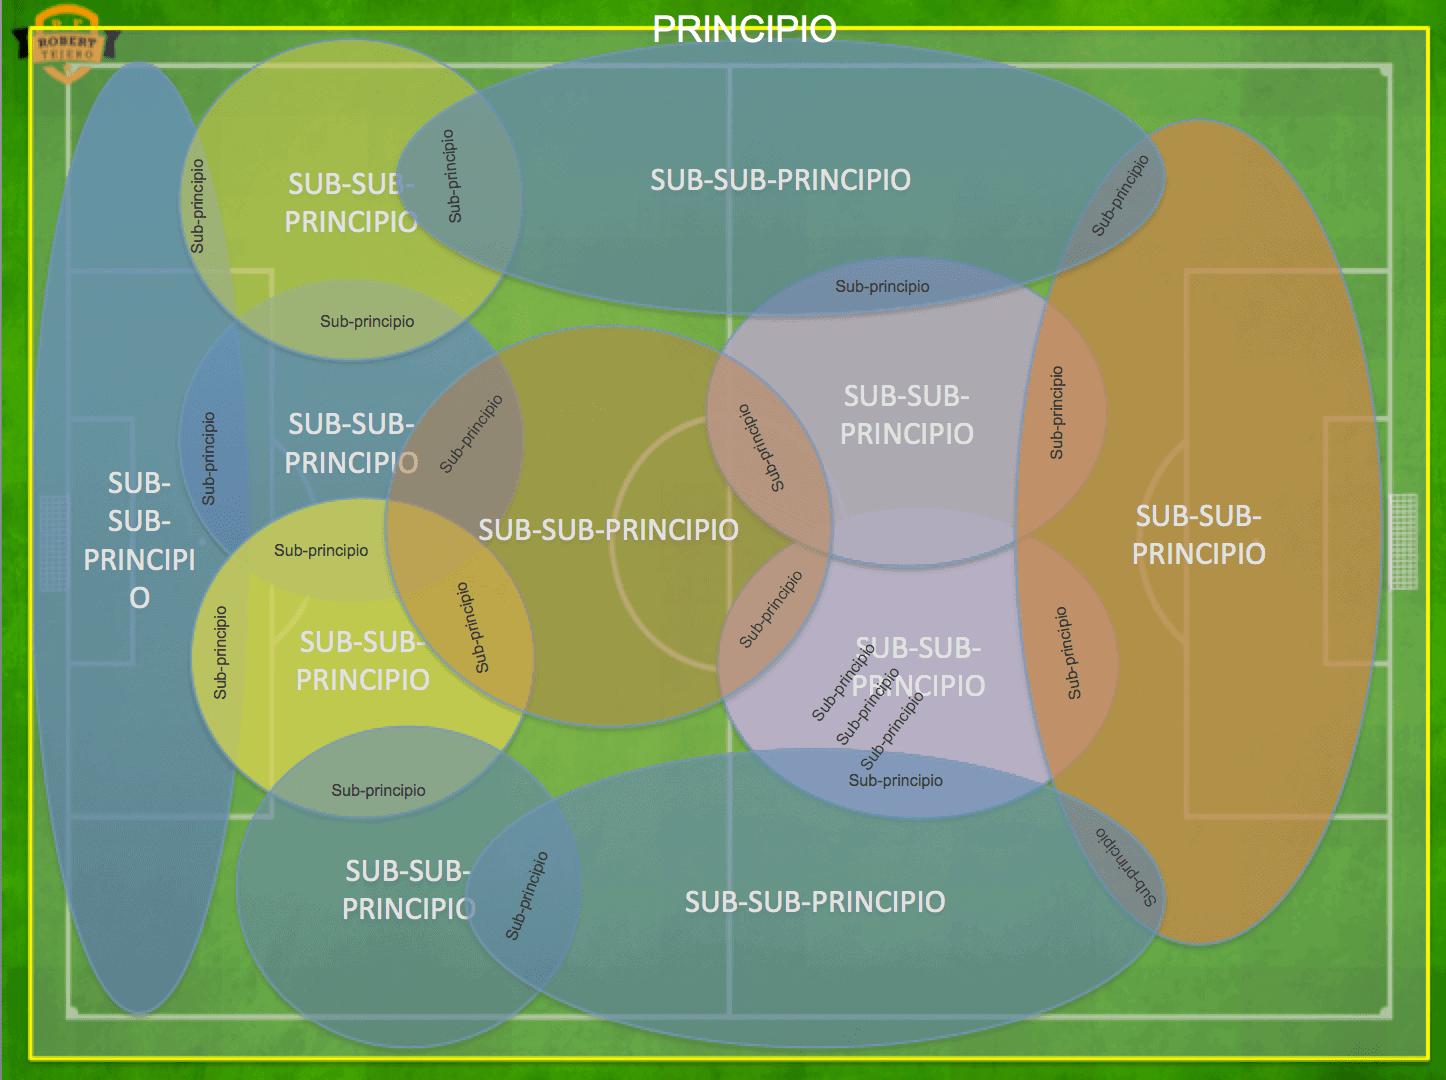 Sinergias en el fútbol